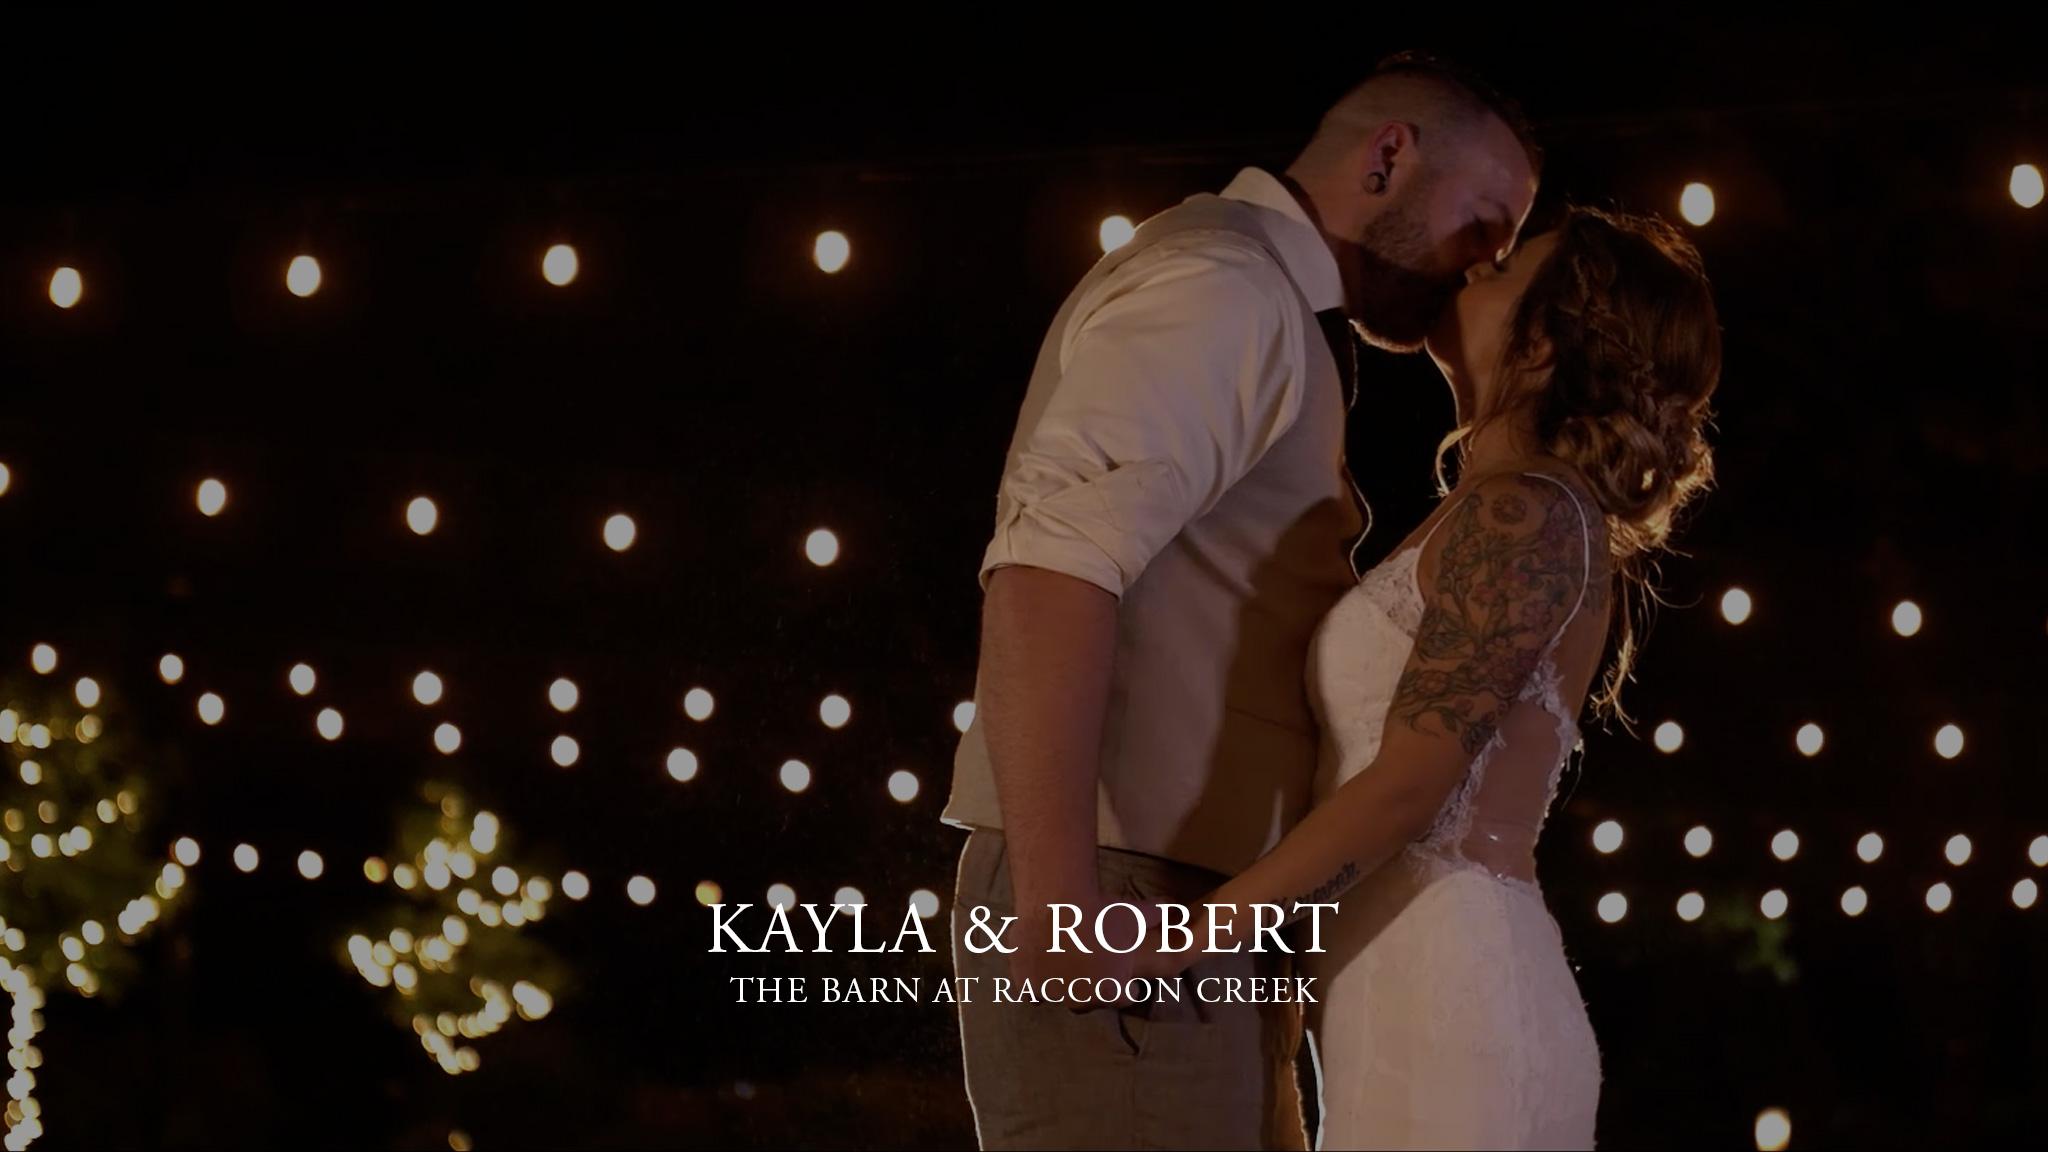 Kayla & Robert at The Barn at Raccoon Creek